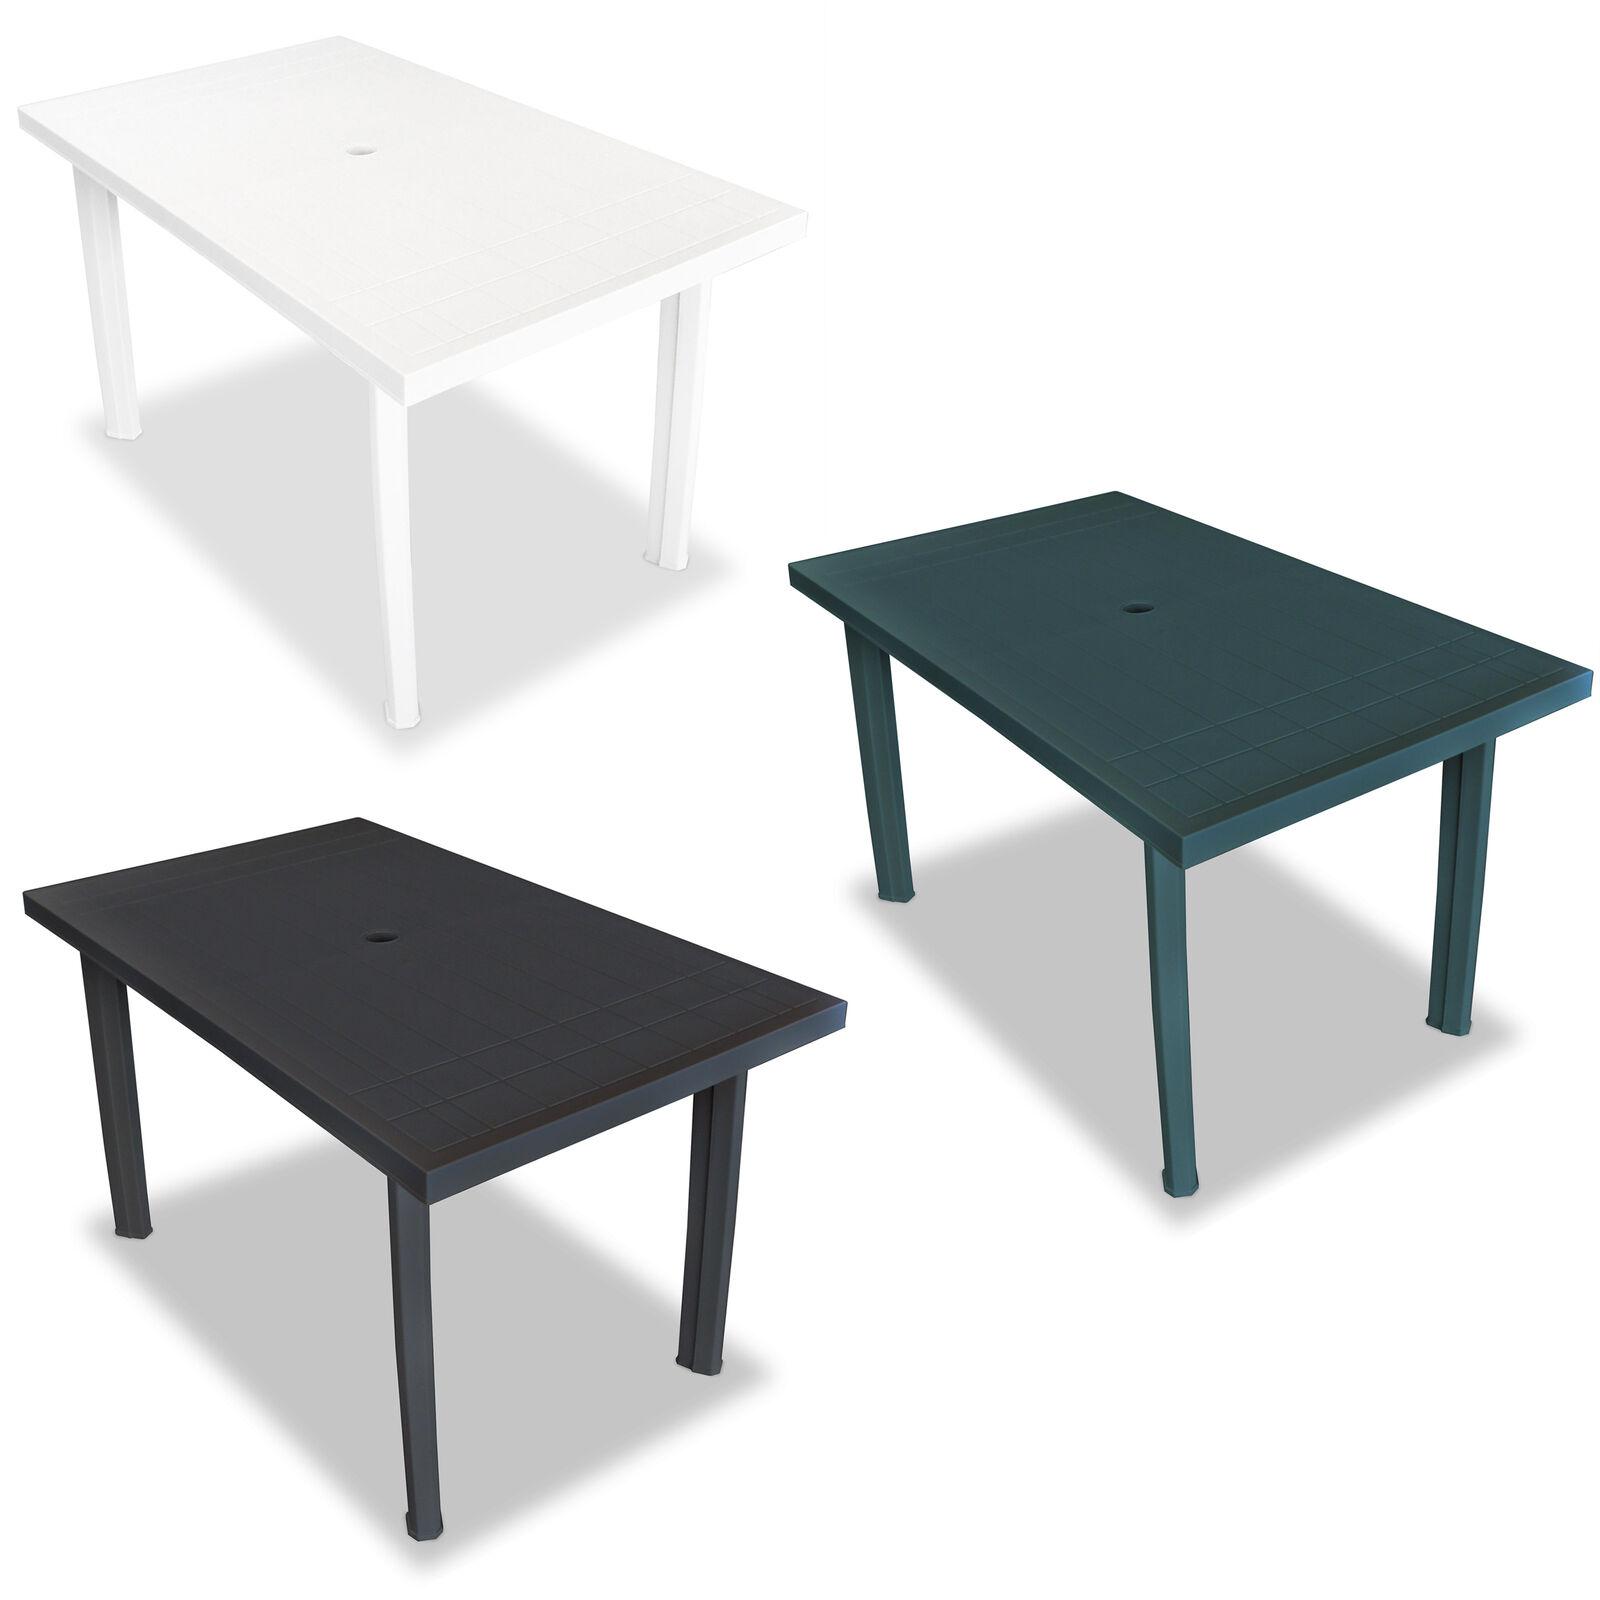 VidaXL Gartentisch Kunststoff Campingtisch Esstisch Tisch Weiß Grün Anthrazit